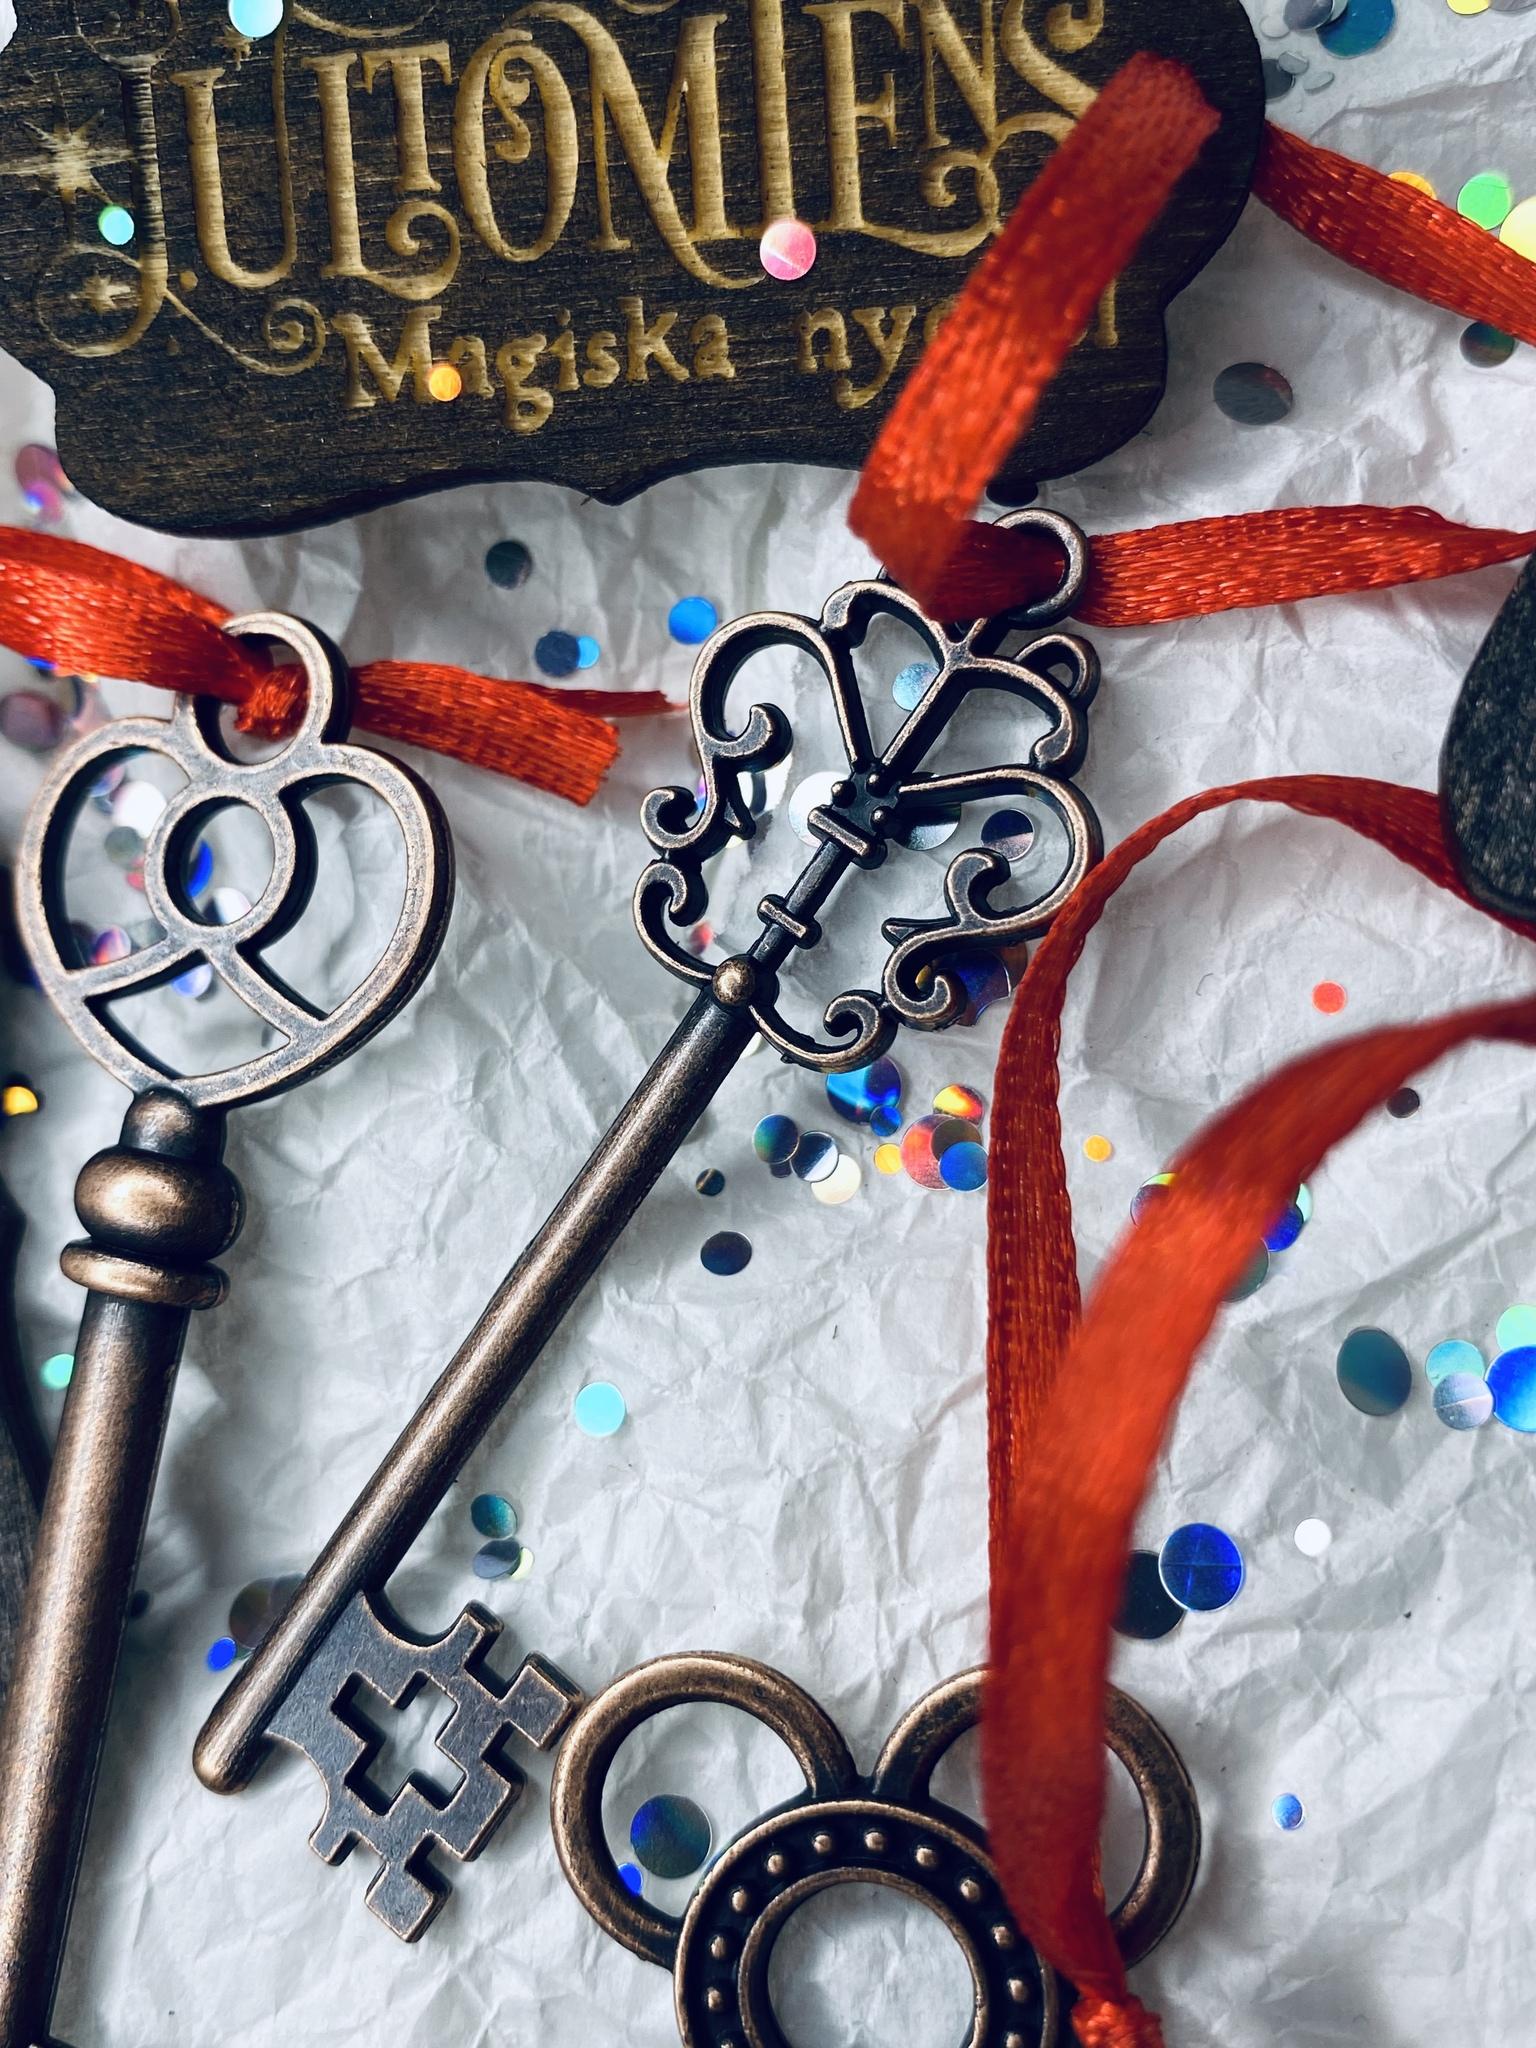 Jultomtens magiska nyckel